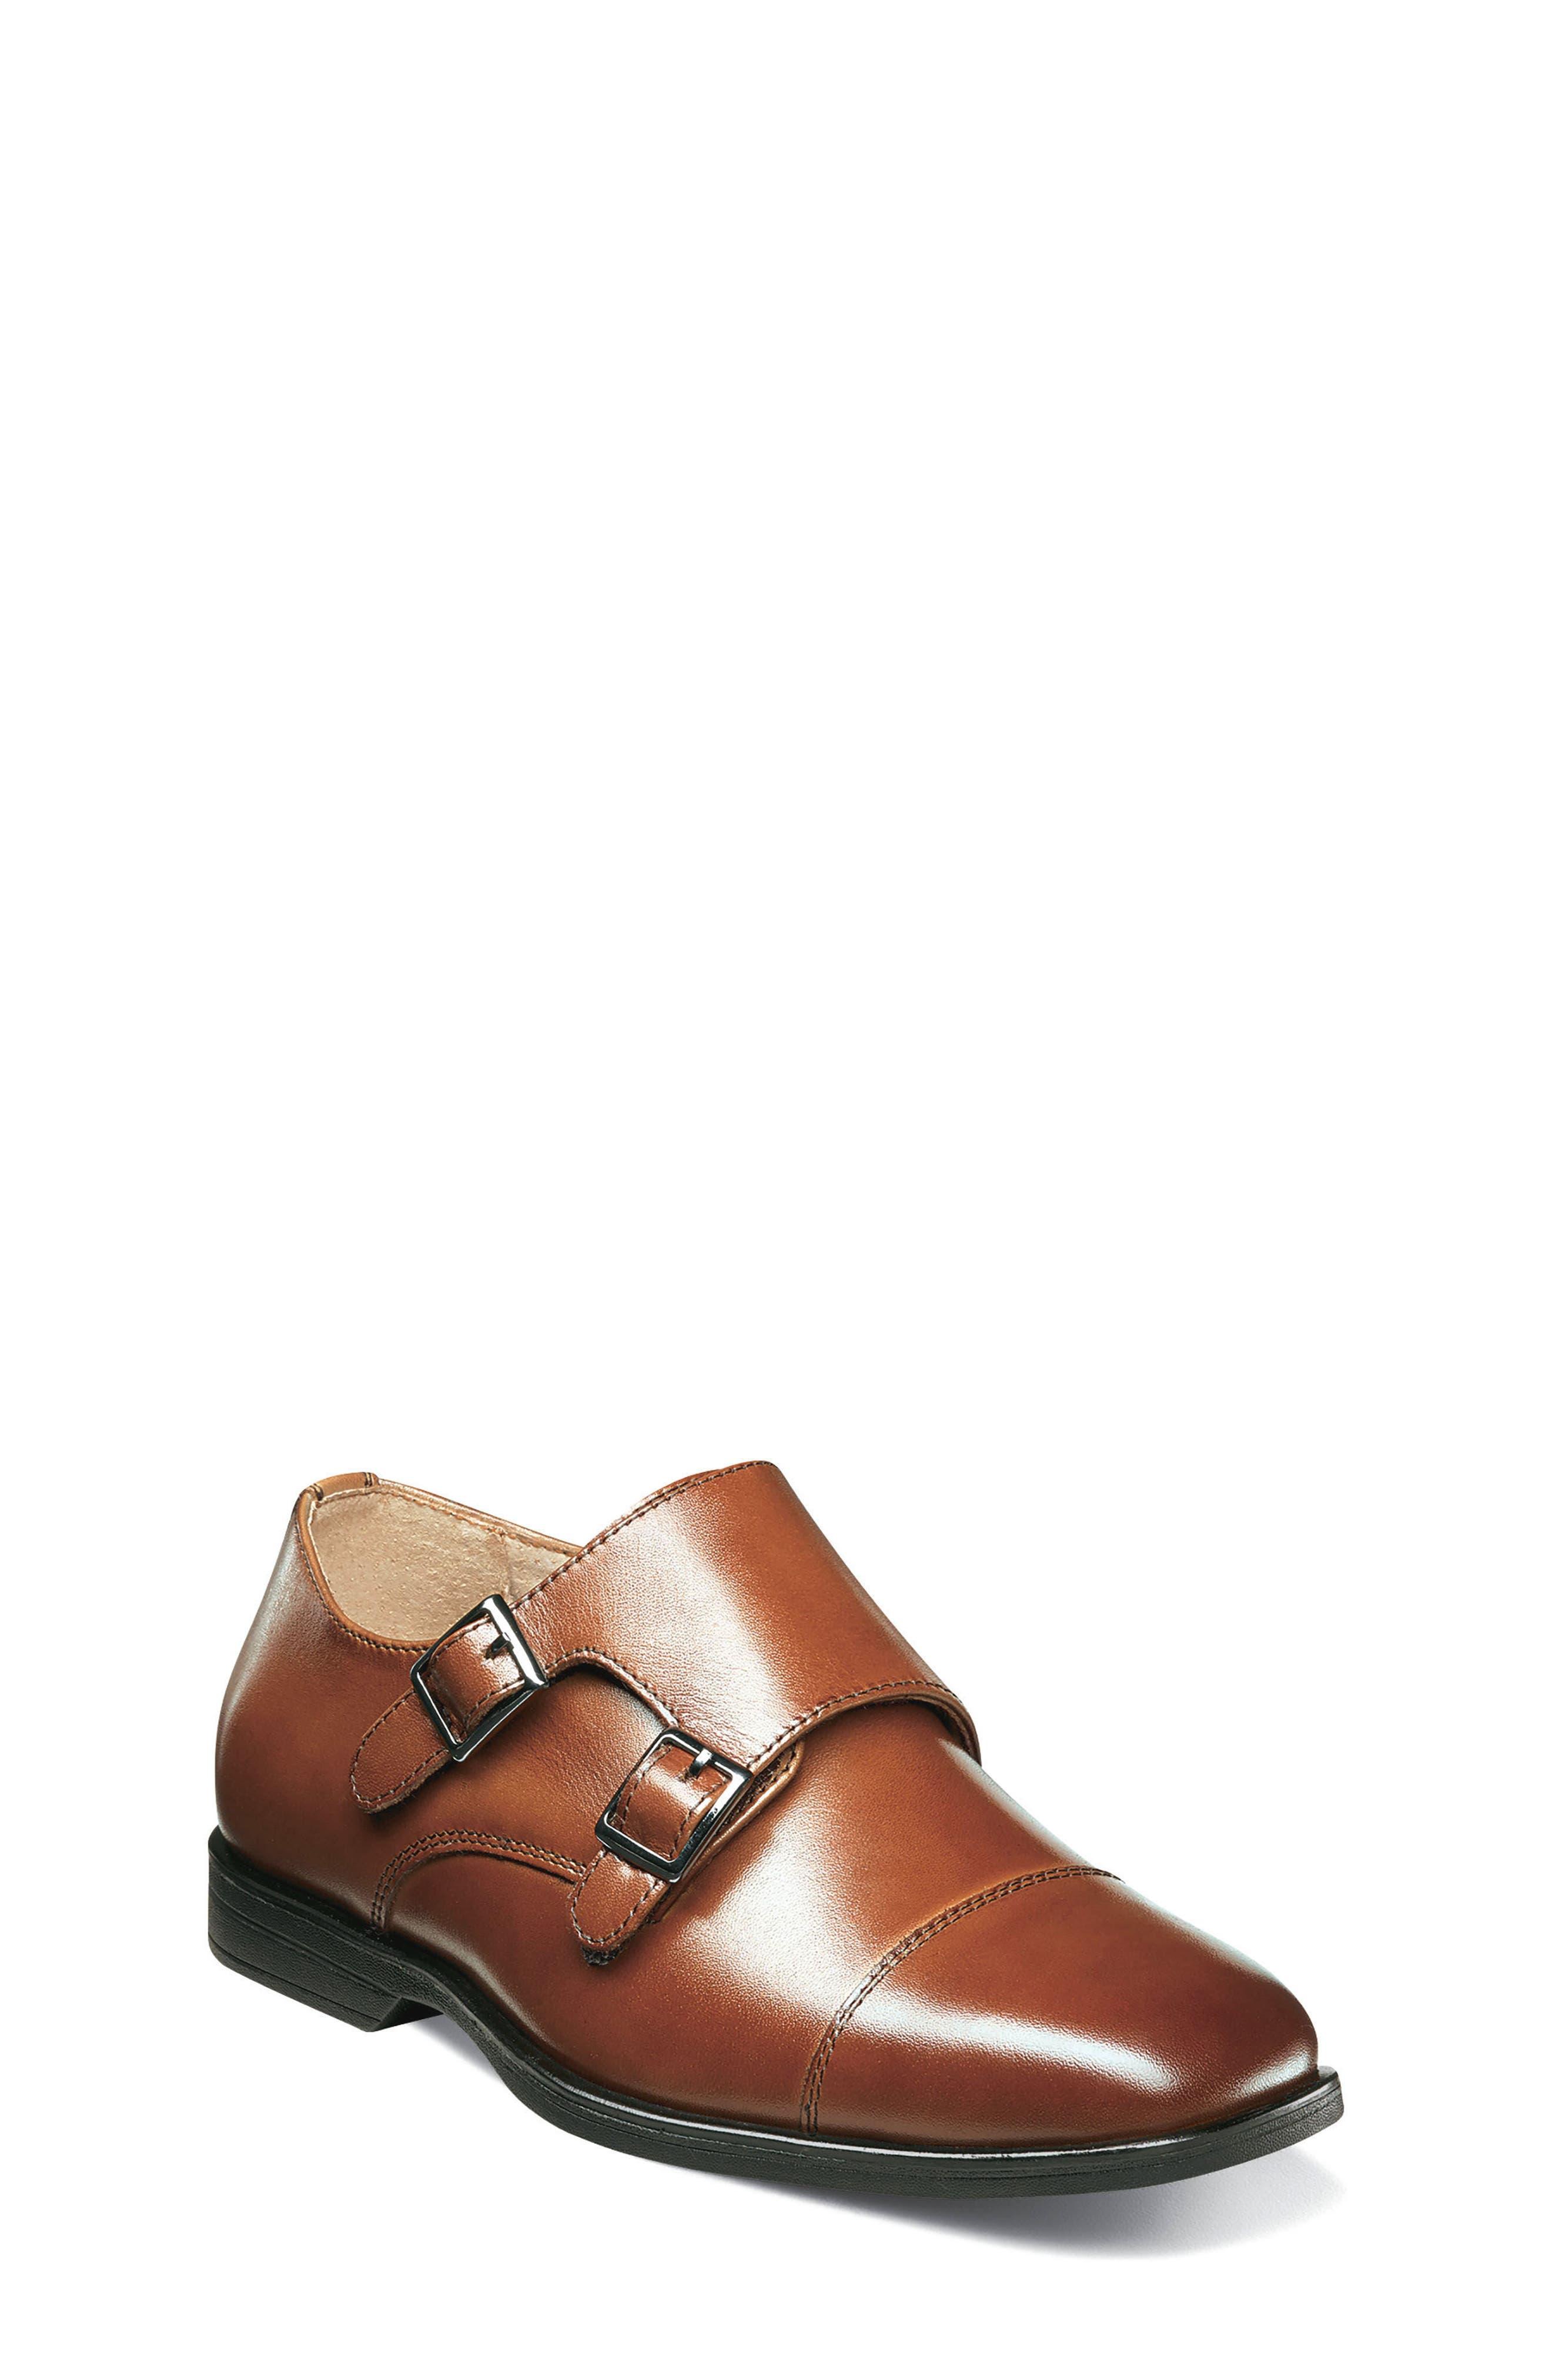 Reveal Double Monk Strap Shoe,                         Main,                         color, COGNAC LEATHER